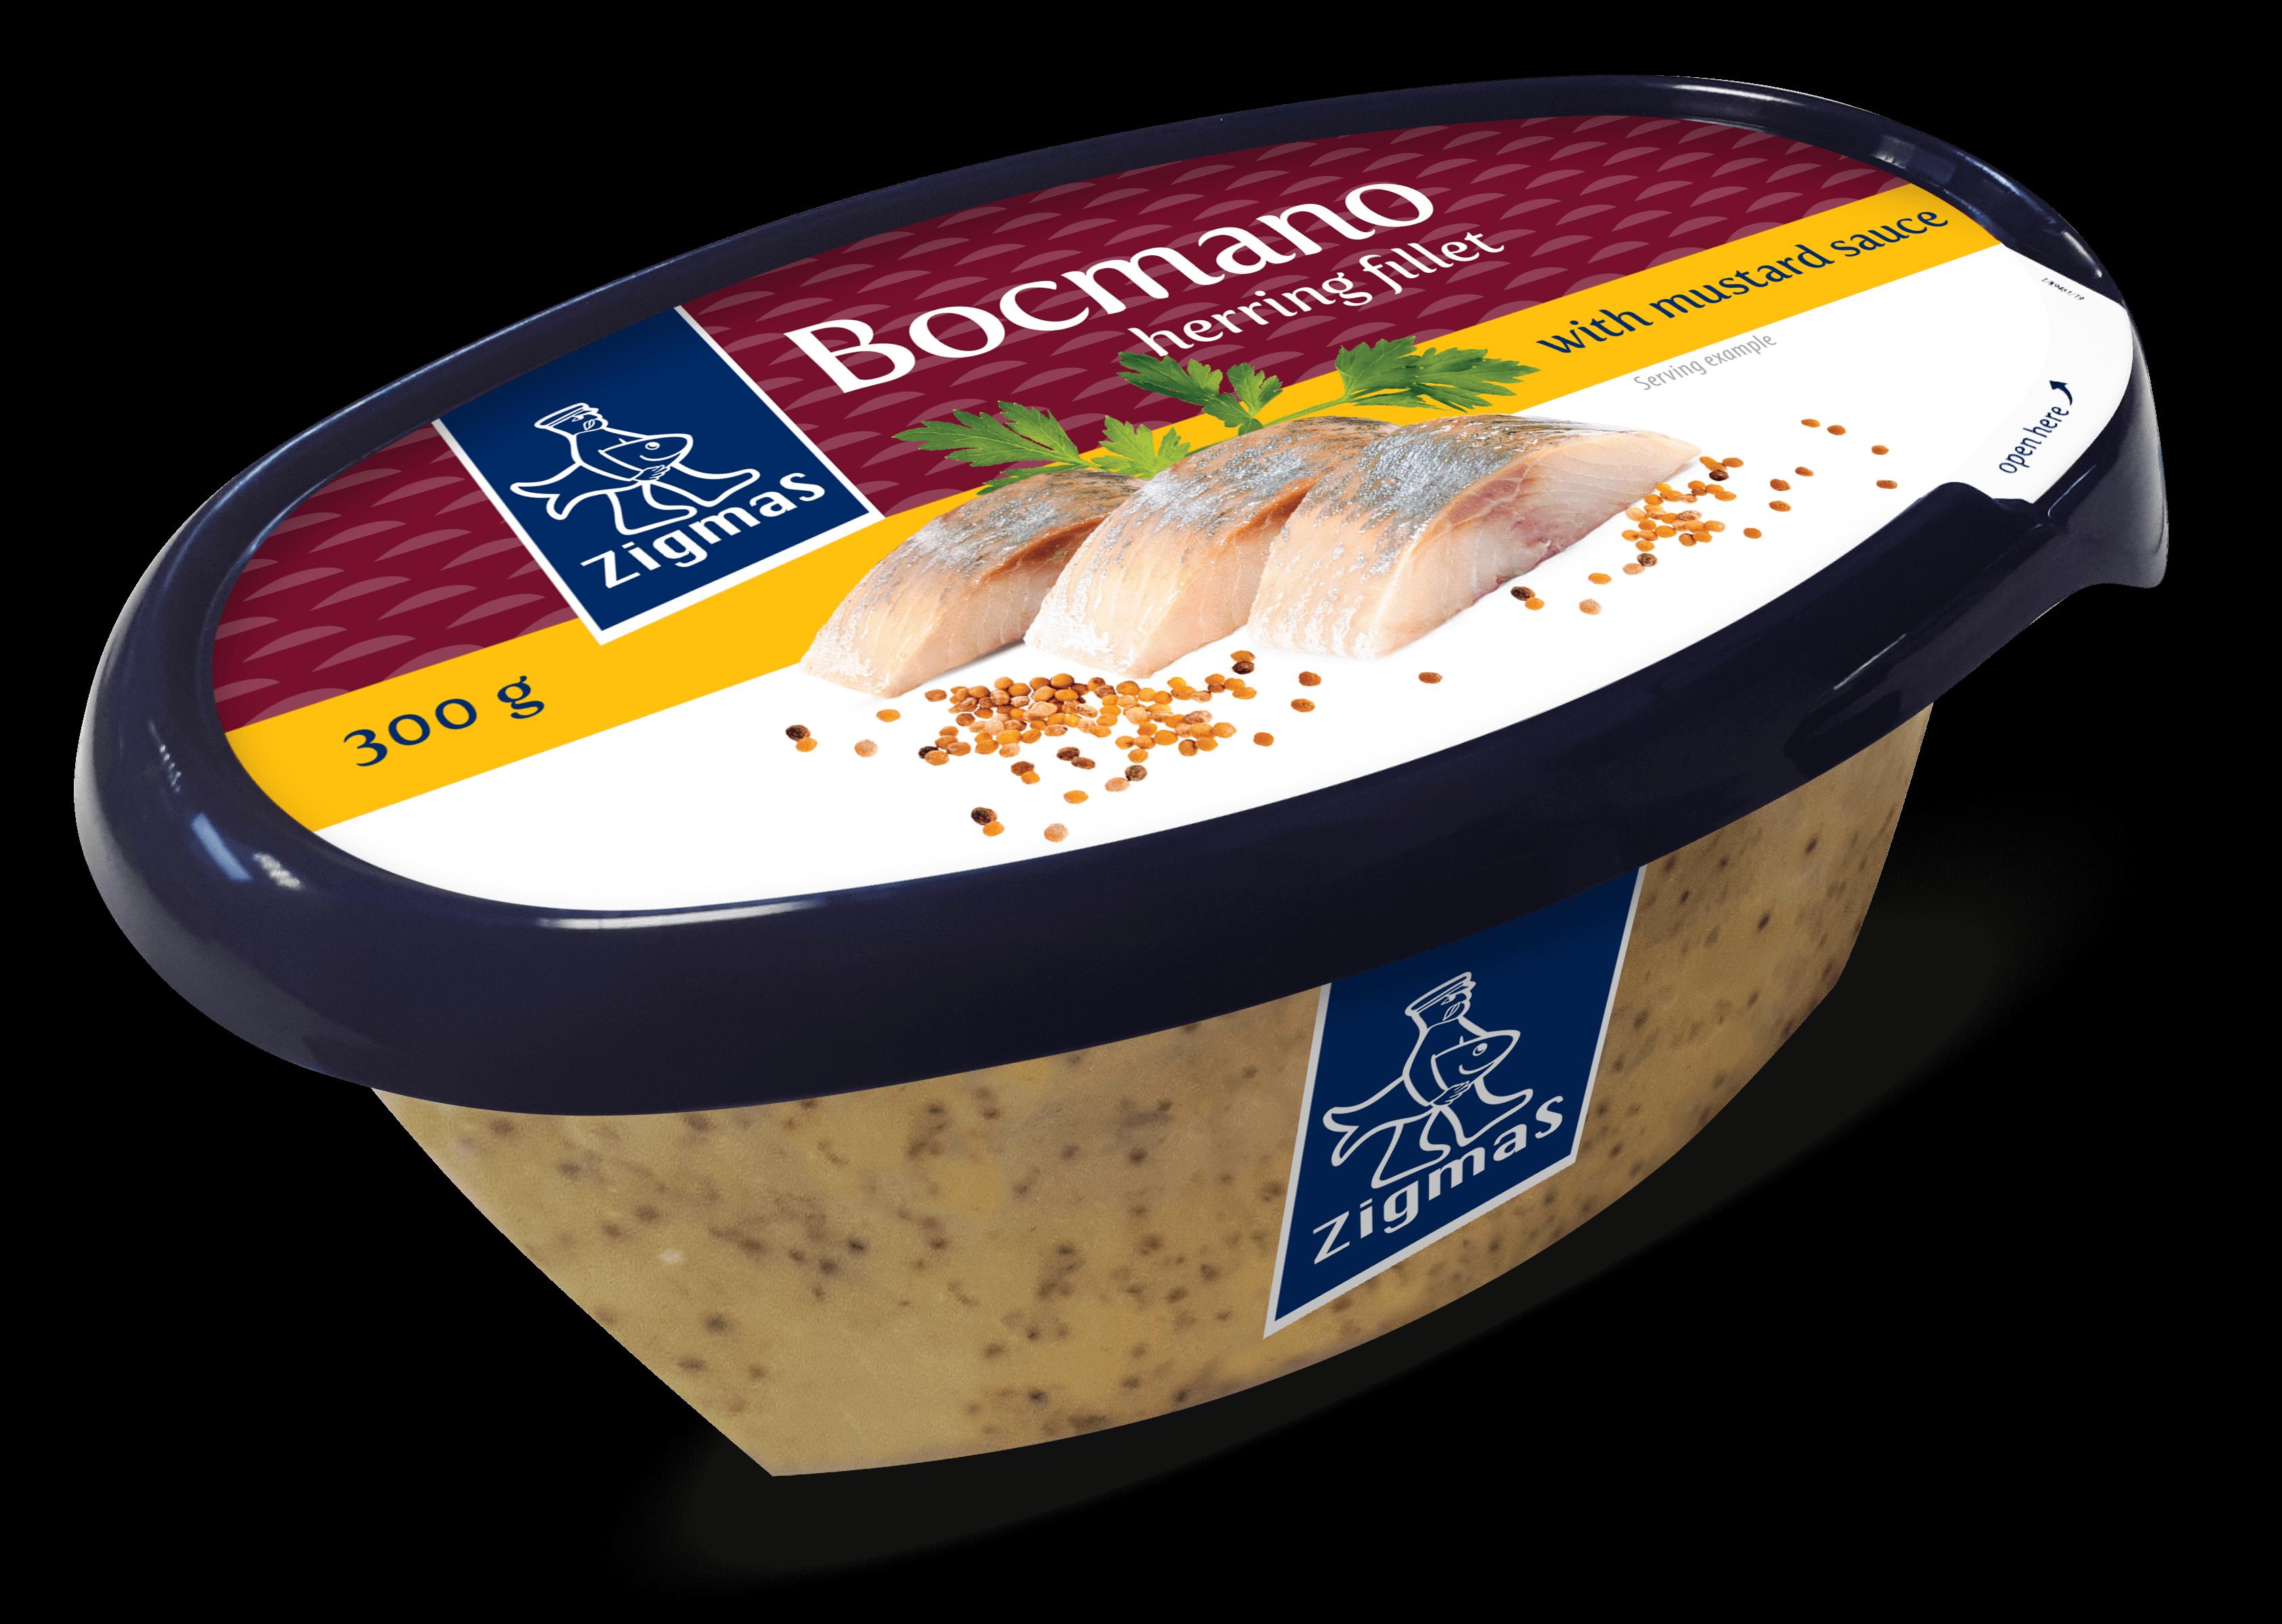 BOCMANO herring fillet in mustard sauce